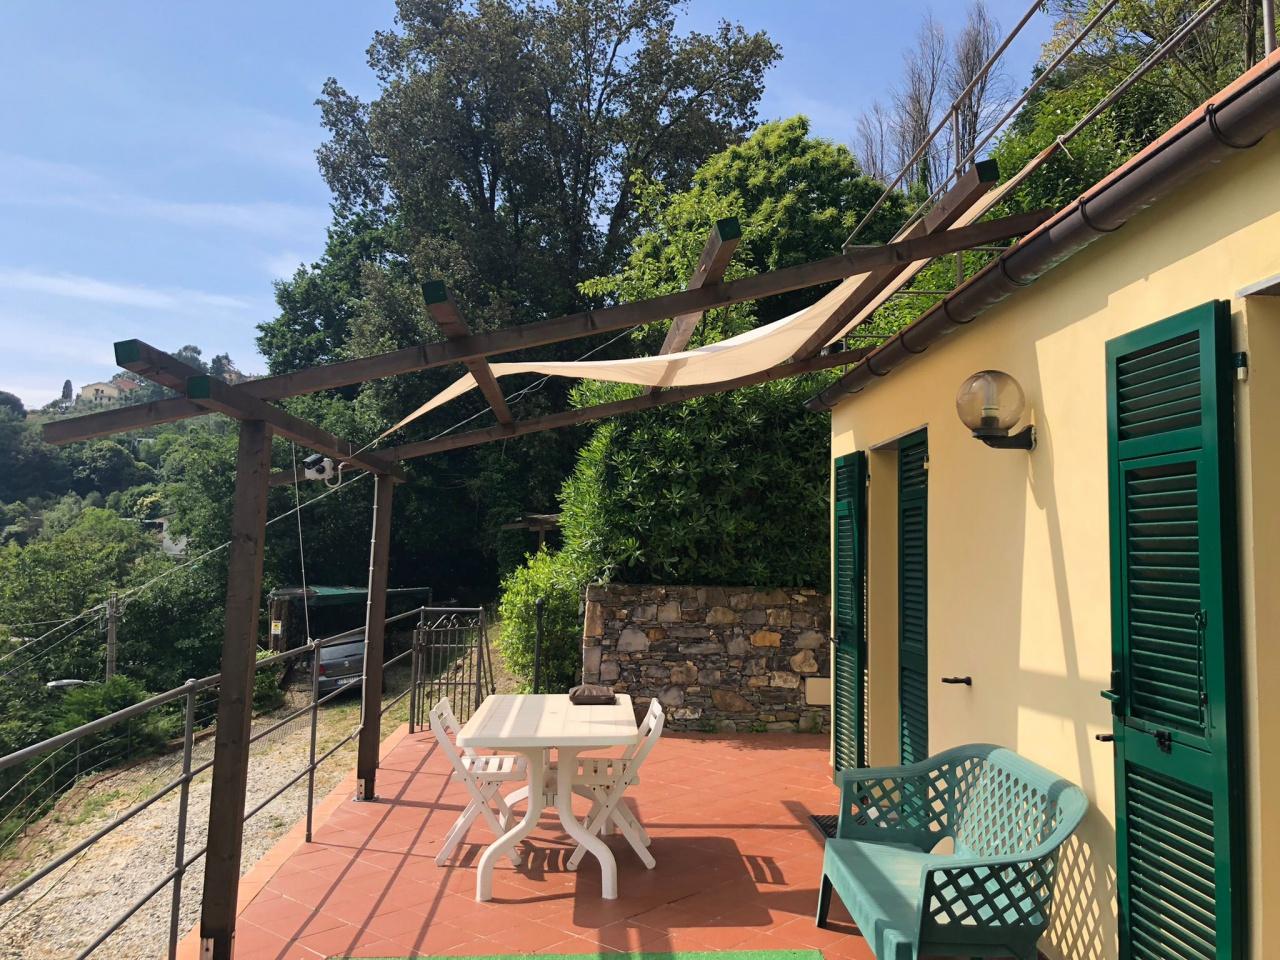 Villino quadrilocale in vendita a Rapallo (GE)